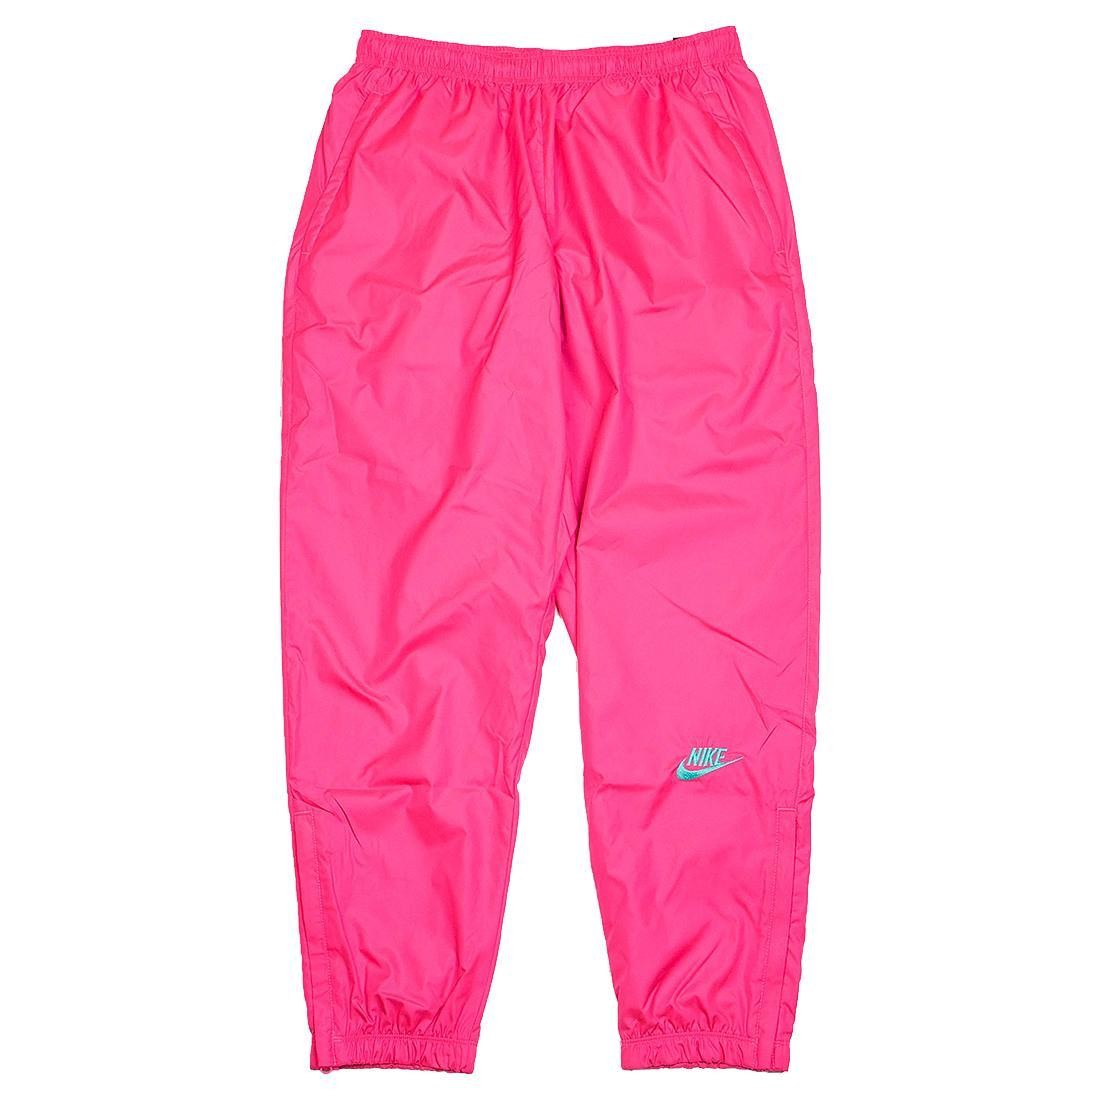 Nike x Atmos Men Nrg Vintage Patchwork Track Pants (hyper pink / hyper jade)